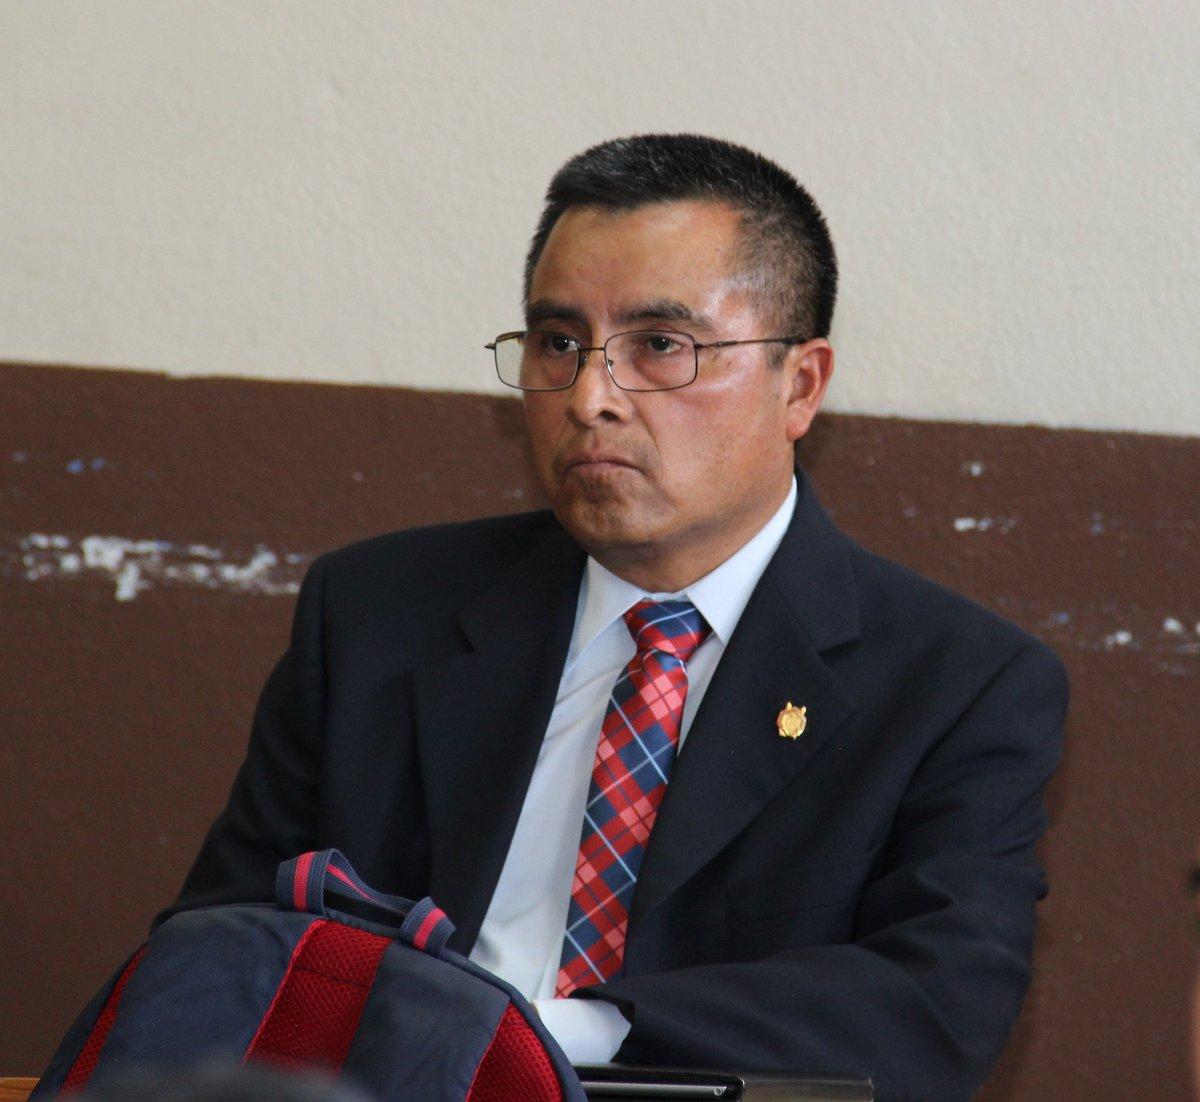 Excepcional Reanudar Consejero De Secundaria Galería - Ejemplo De ...